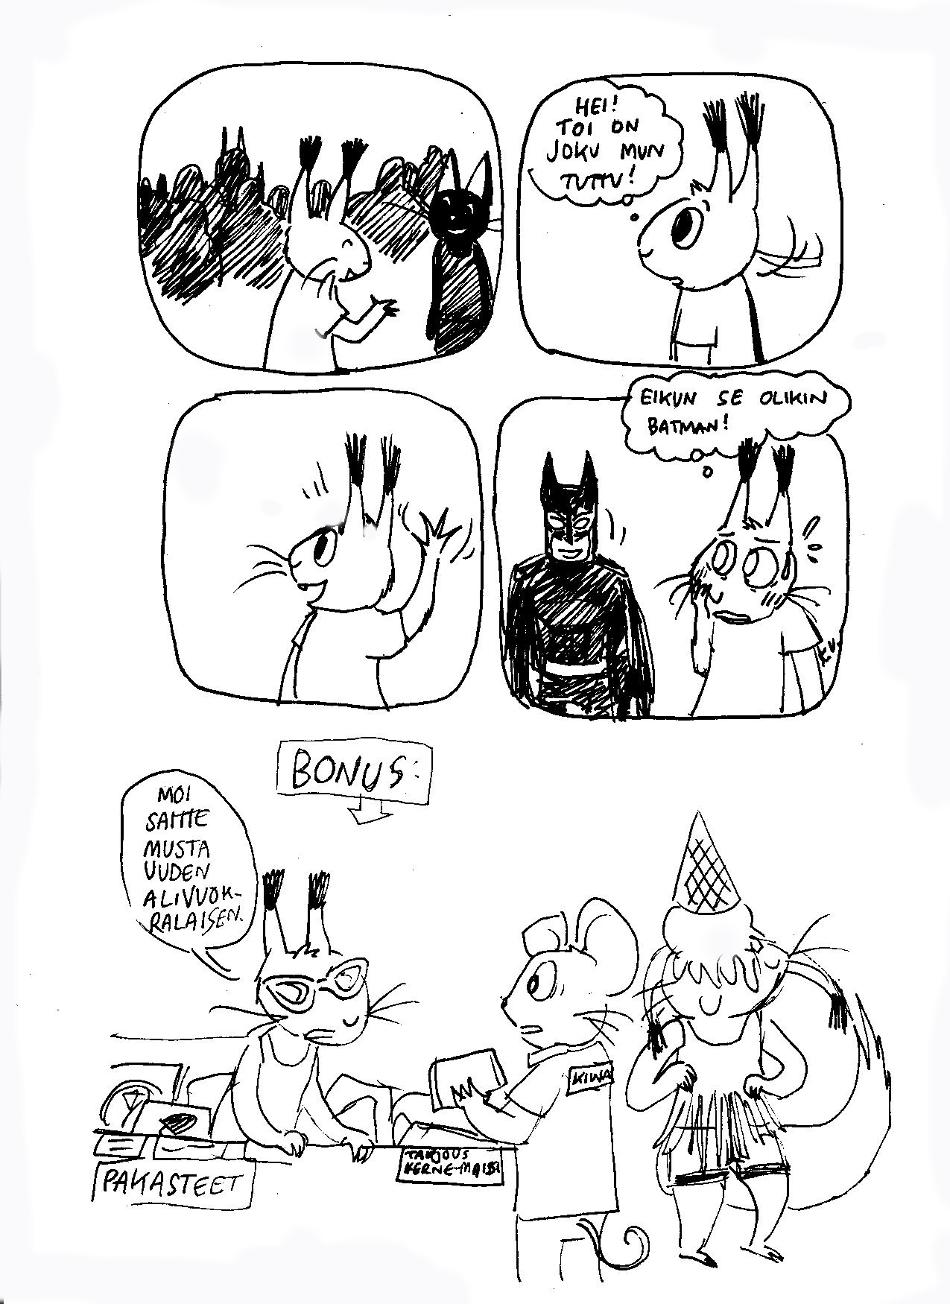 Kai muillekin käy näin? Tosi hassua että mulla on moneen fiktiiviseen hahmoon paljon läheisempi suhde kuin eläviin ihmisiin. (heh, no kai se niin menee kun on sarjakuvapiirtäjä!) Tää oli tosiaan Ropeconissa, olin siellä myymässä perjantaina sarjiksiani ja törmäsin tähän upeaan cosplay-asuun!